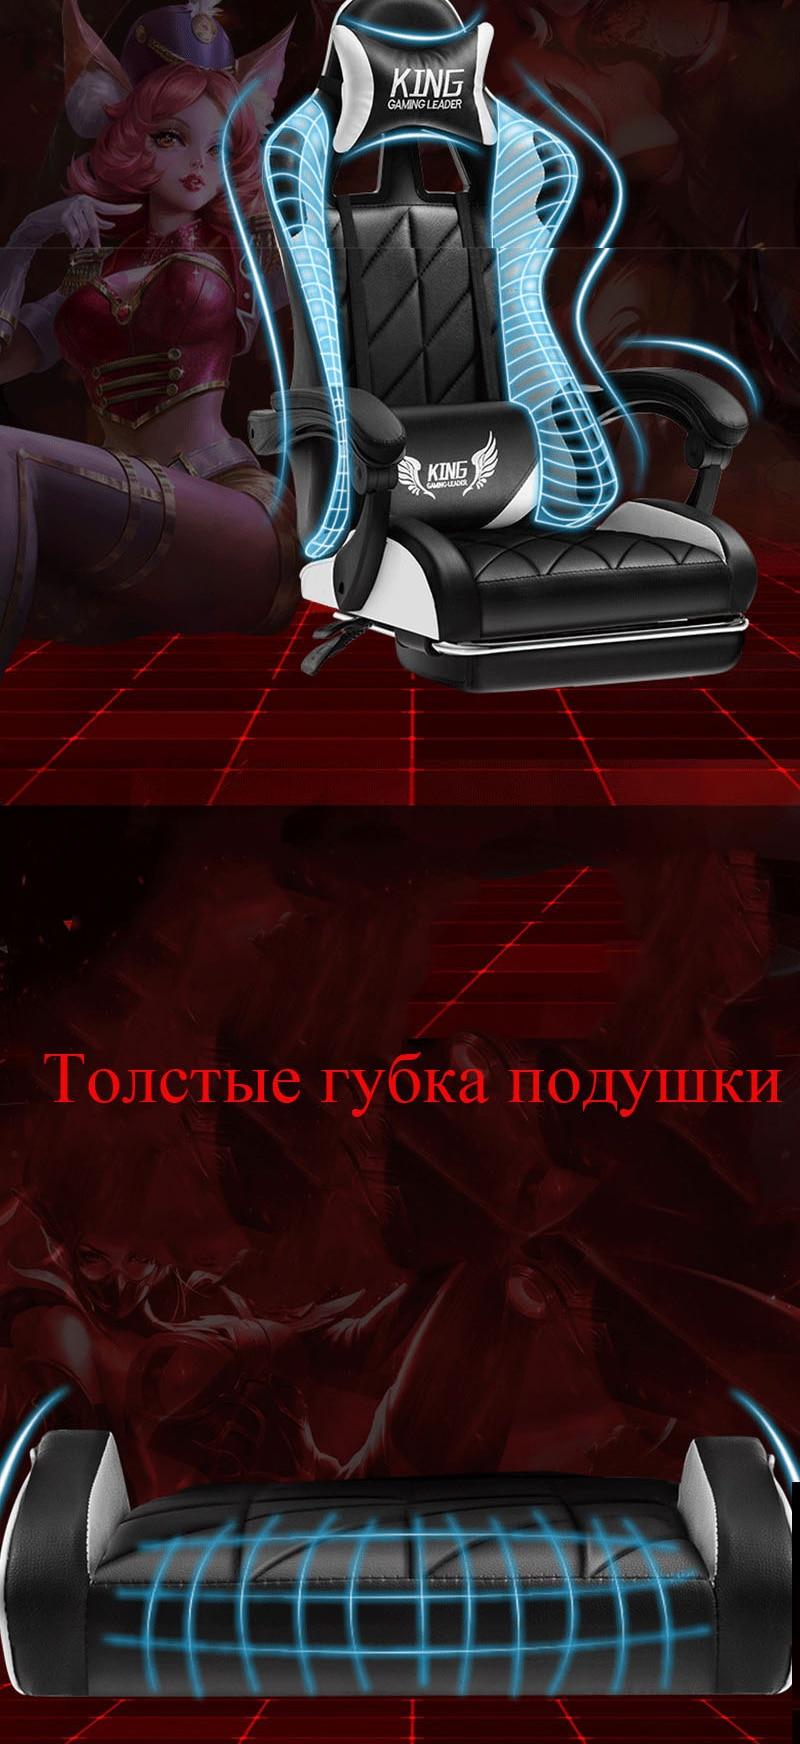 未标题-1_06